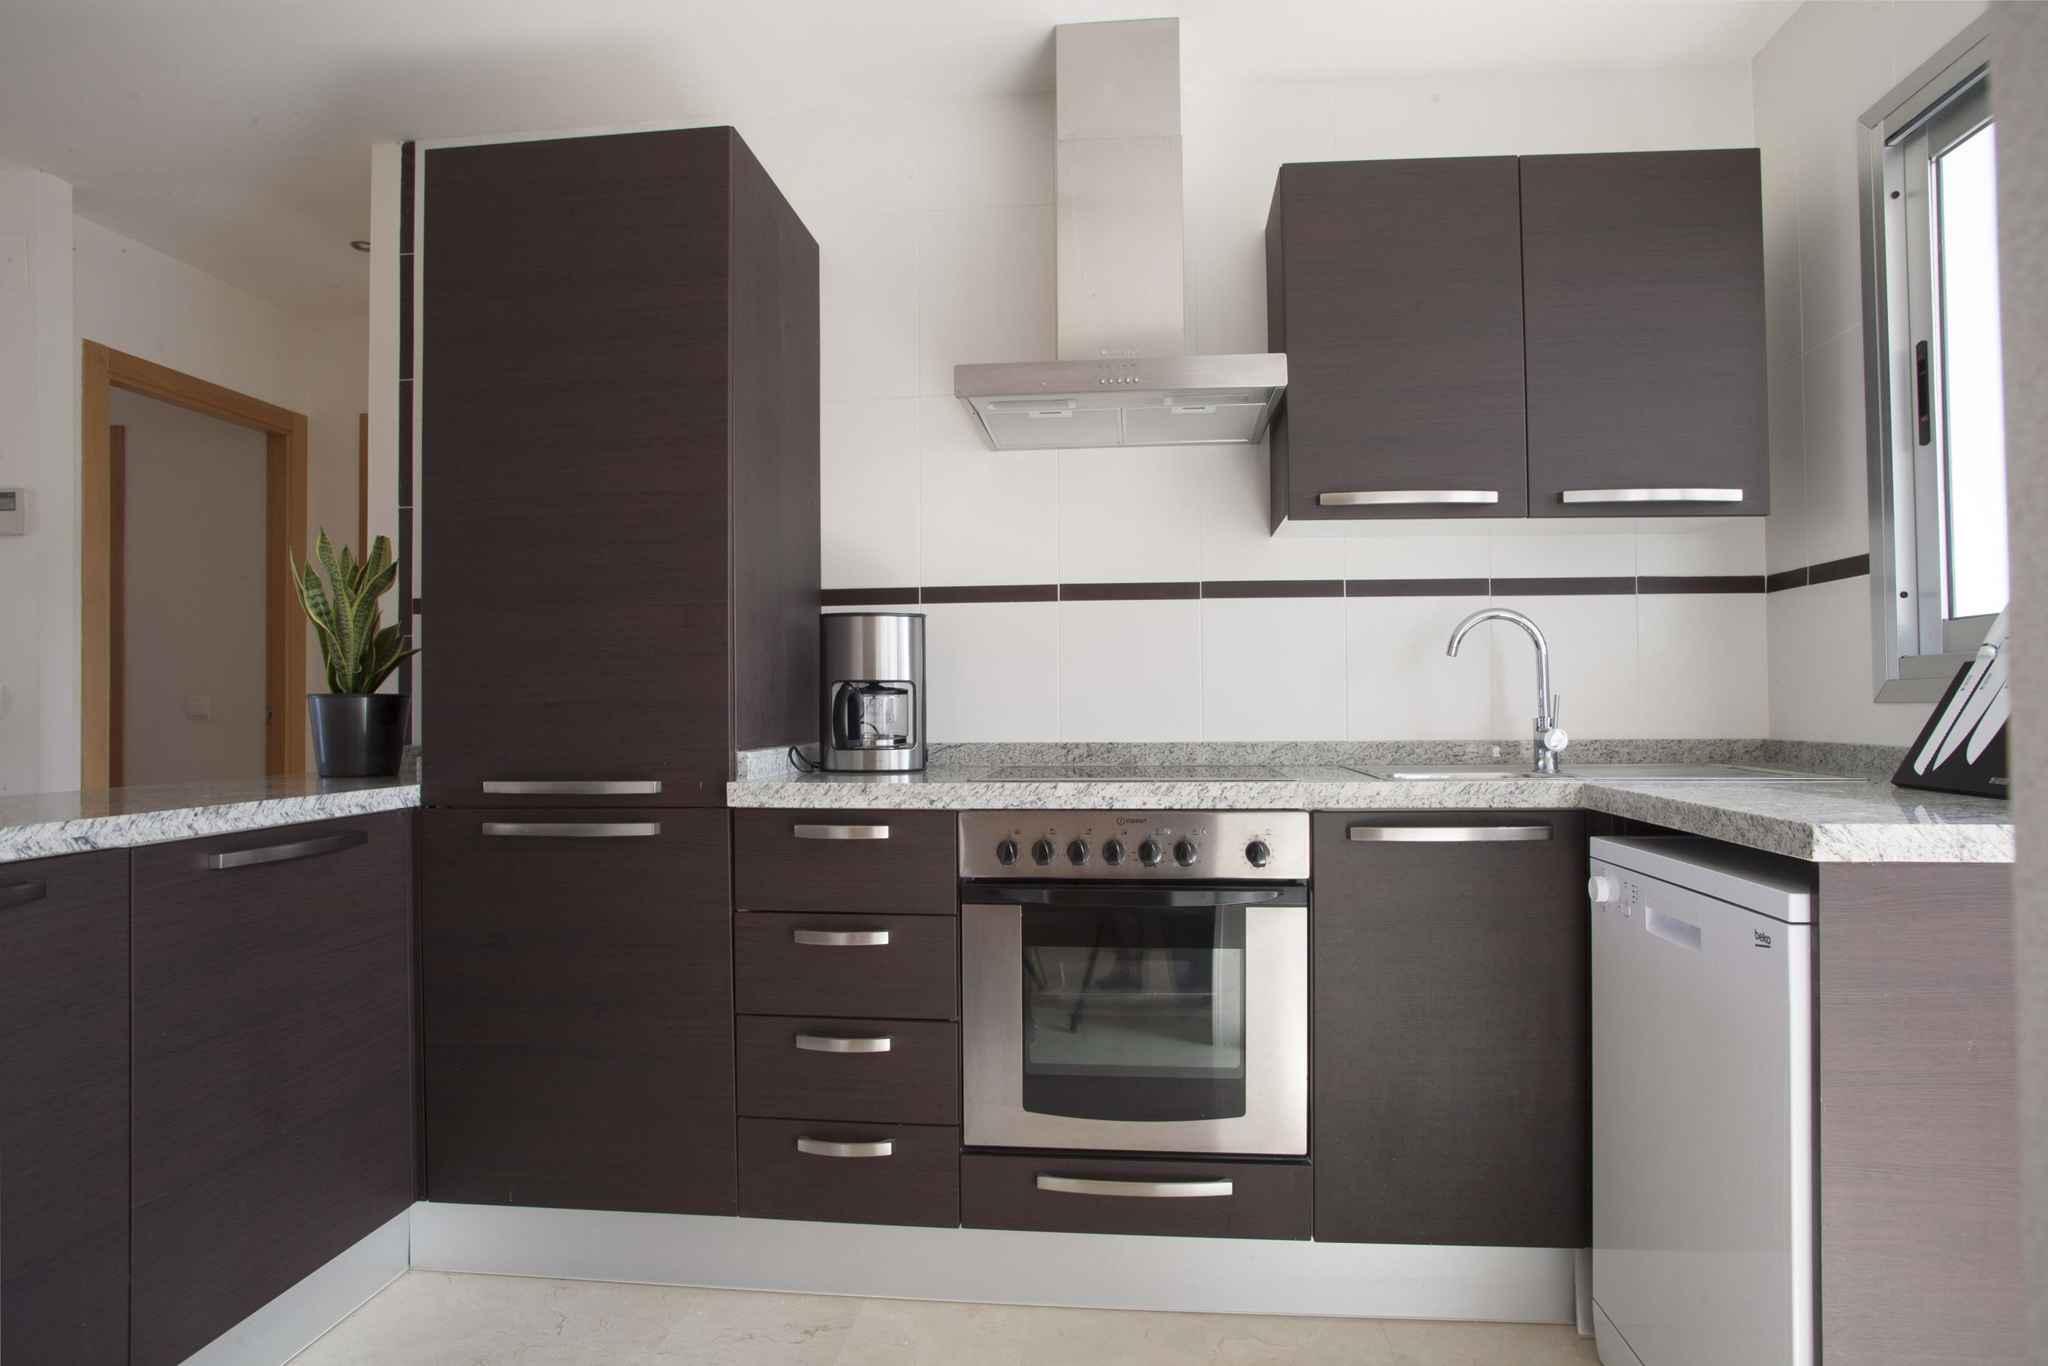 Ferienwohnung in Residence Bellavista (586751), Pego, Costa Blanca, Valencia, Spanien, Bild 13